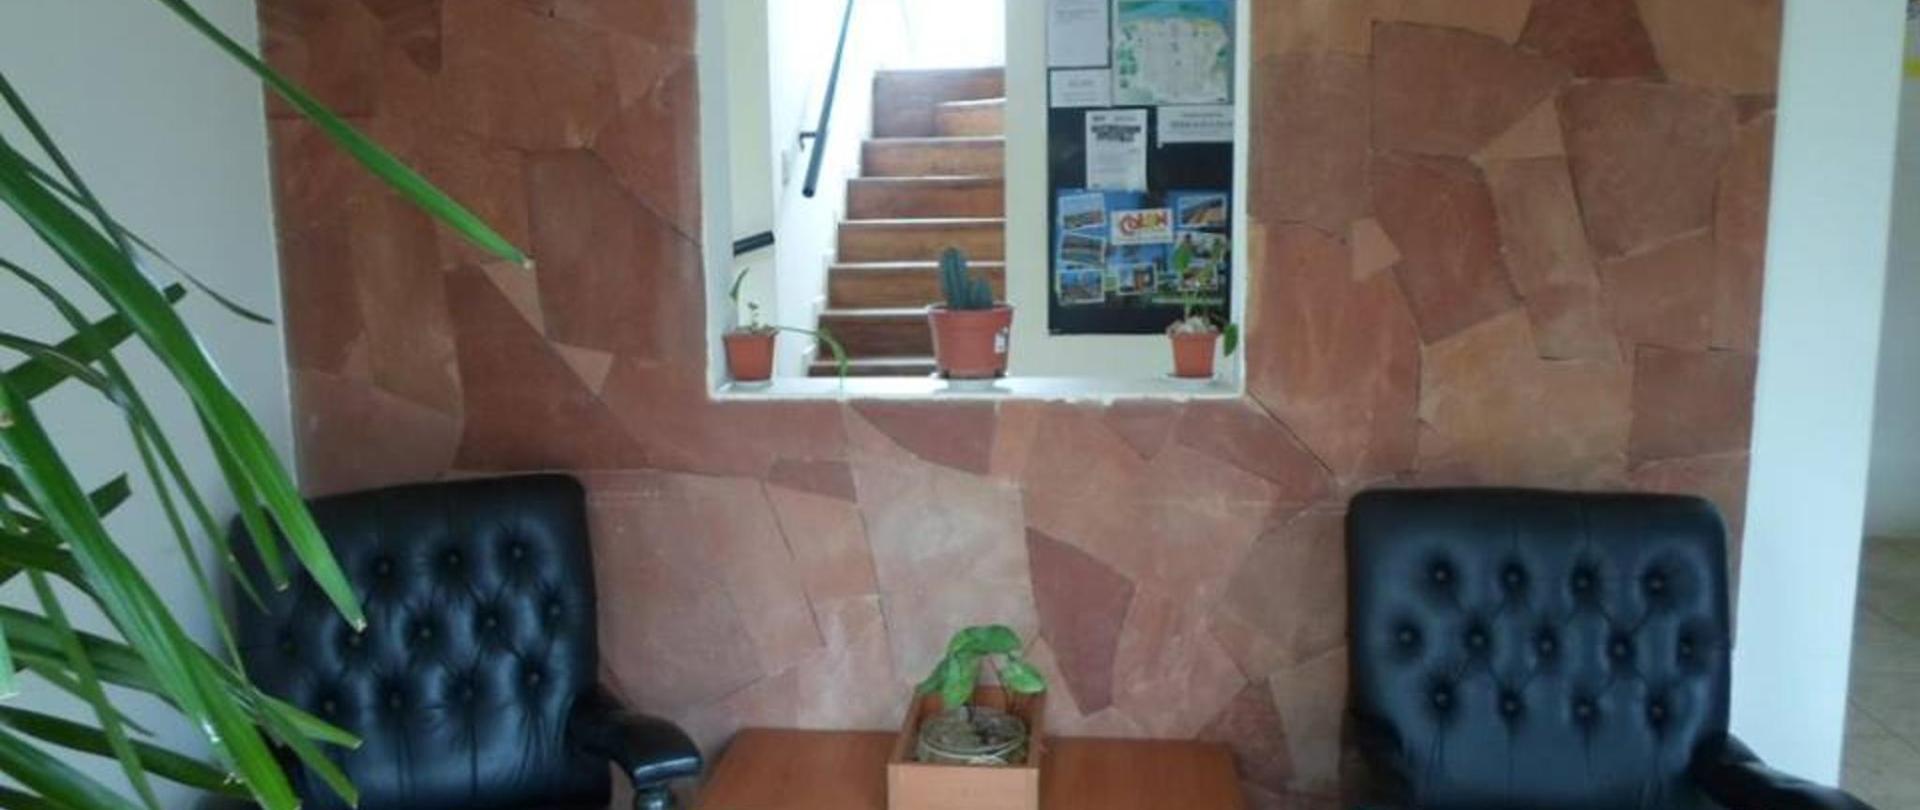 Hotel Queguay entrada.jpg